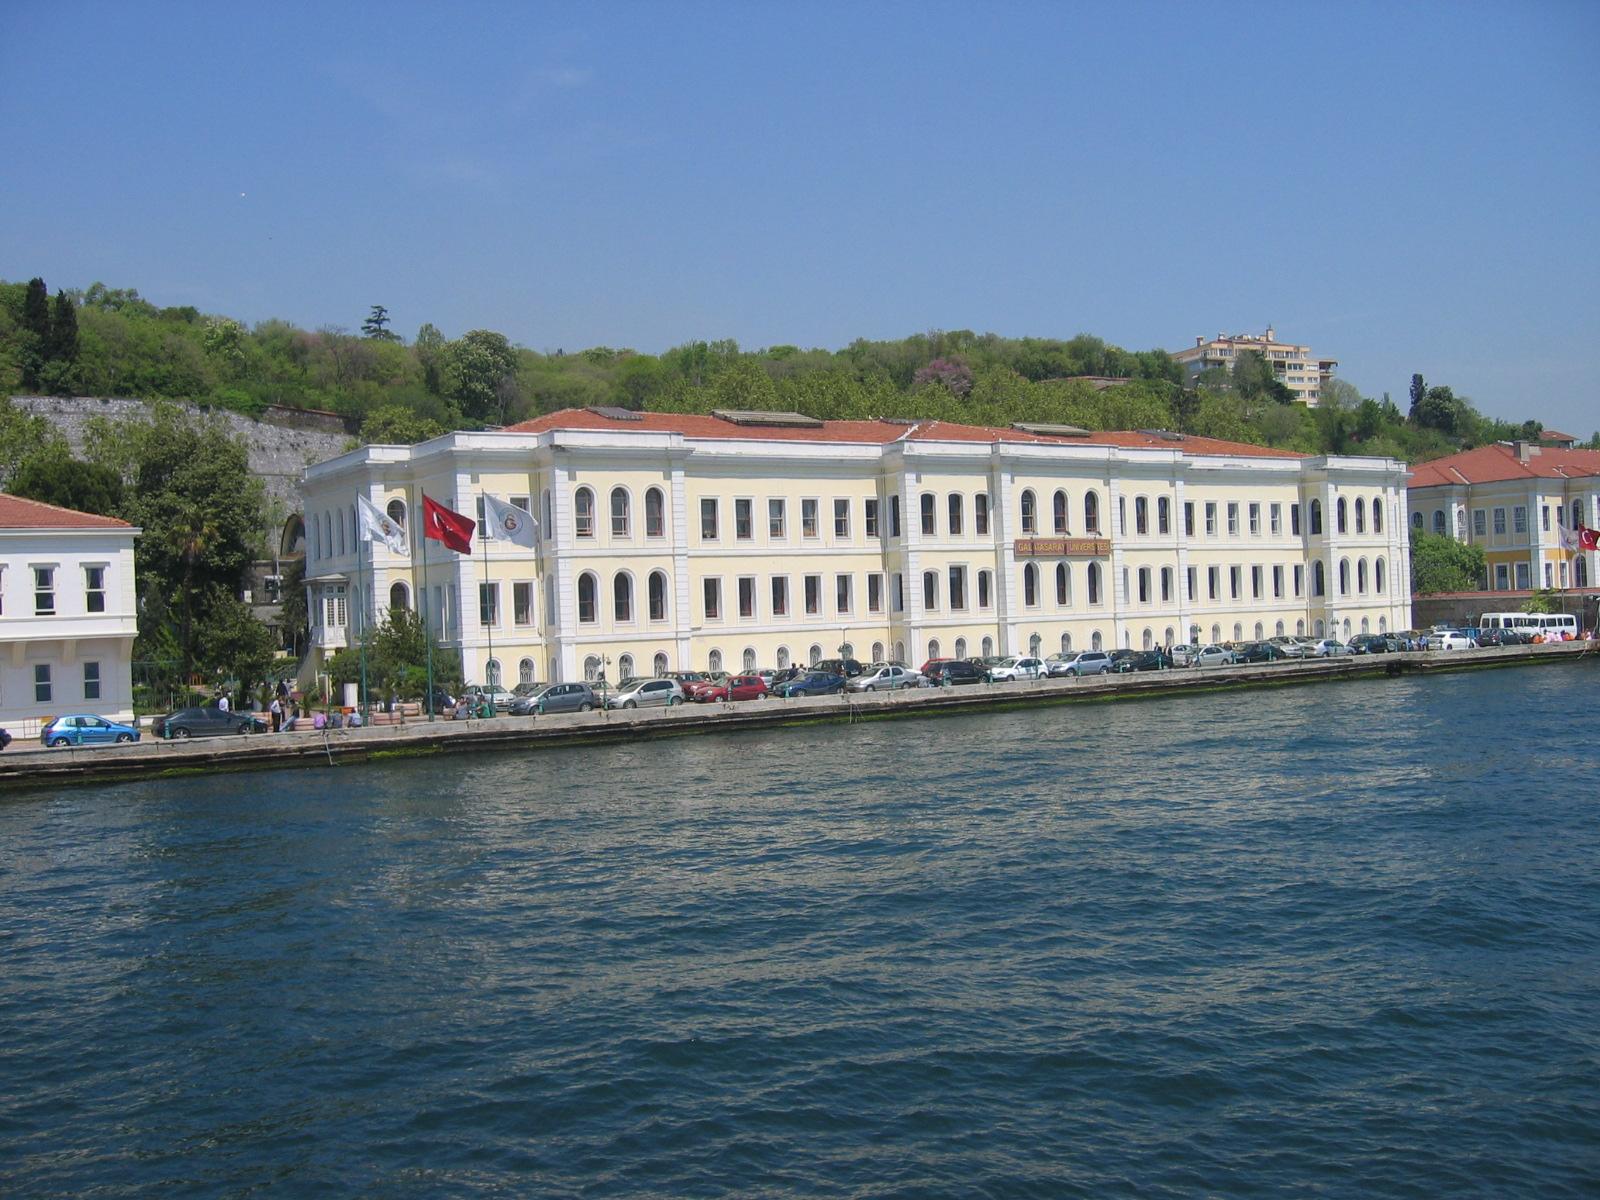 Türkiye'nin En İyi Hukuk Fakülteleri - Galatasaray Üniversitesi Hukuk Fakültesi